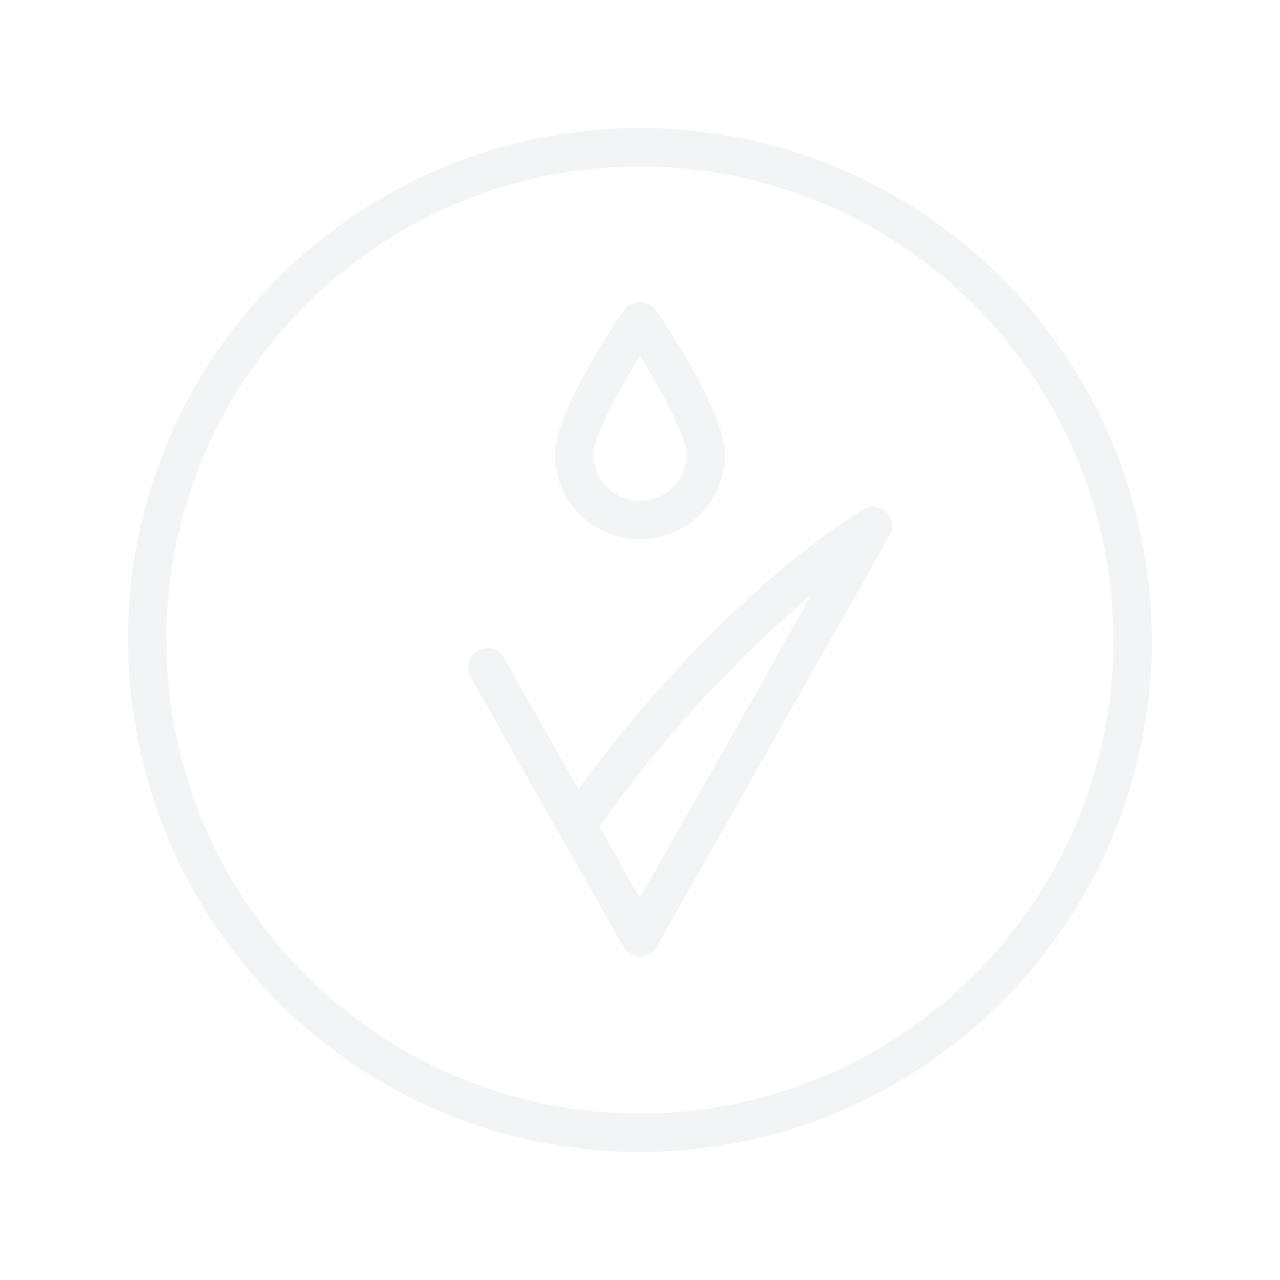 MAYBELLINE Color Sensational Shaping Lip Liner 0.28g